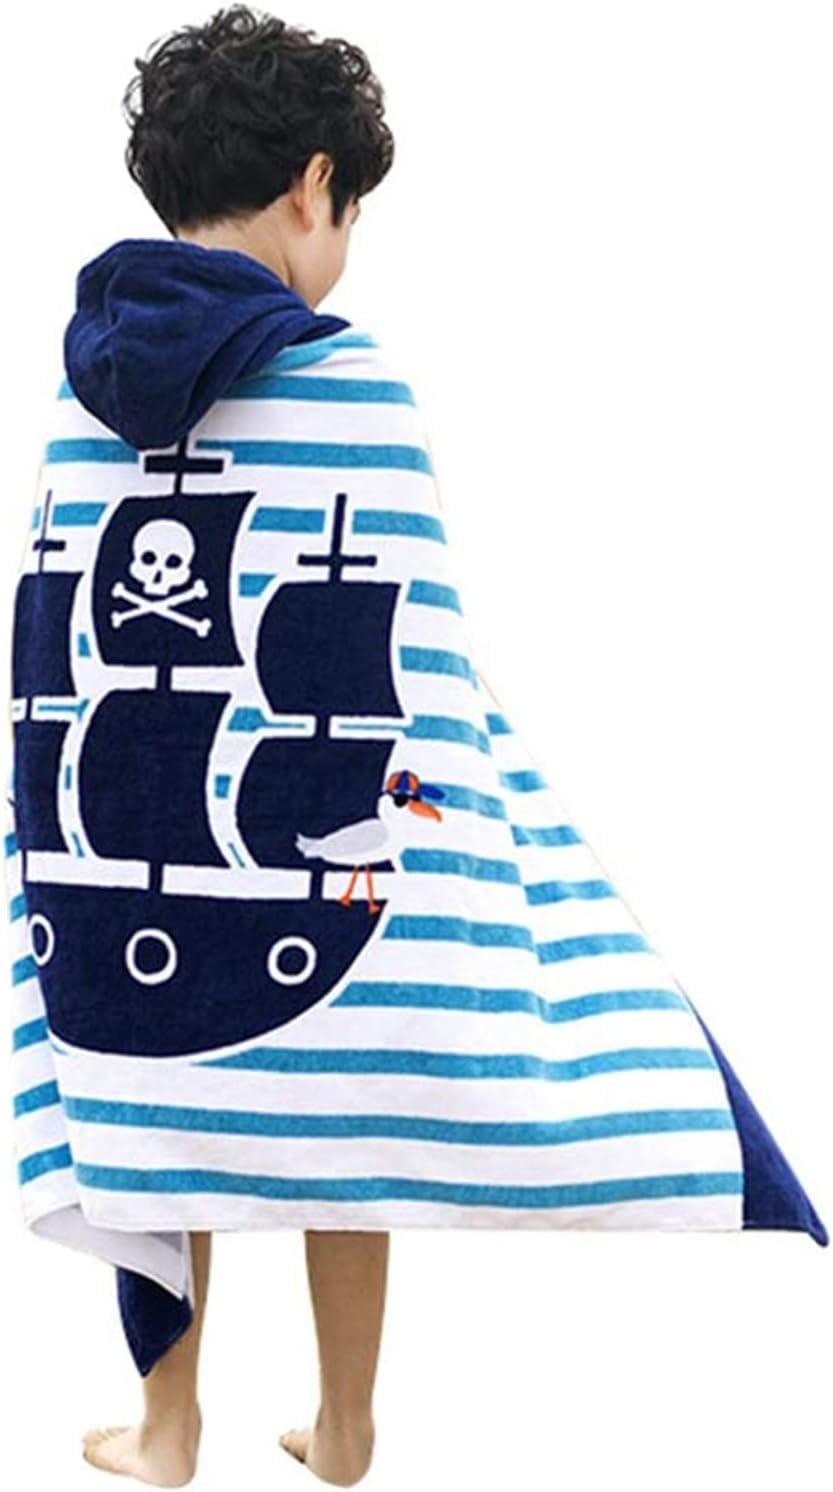 100% Algodón Toalla Playa Algodon Toalla de Playa Grande Poncho Toalla Niña Niño Playa Piscina Nadar Baño Fiesta Barco Pirata